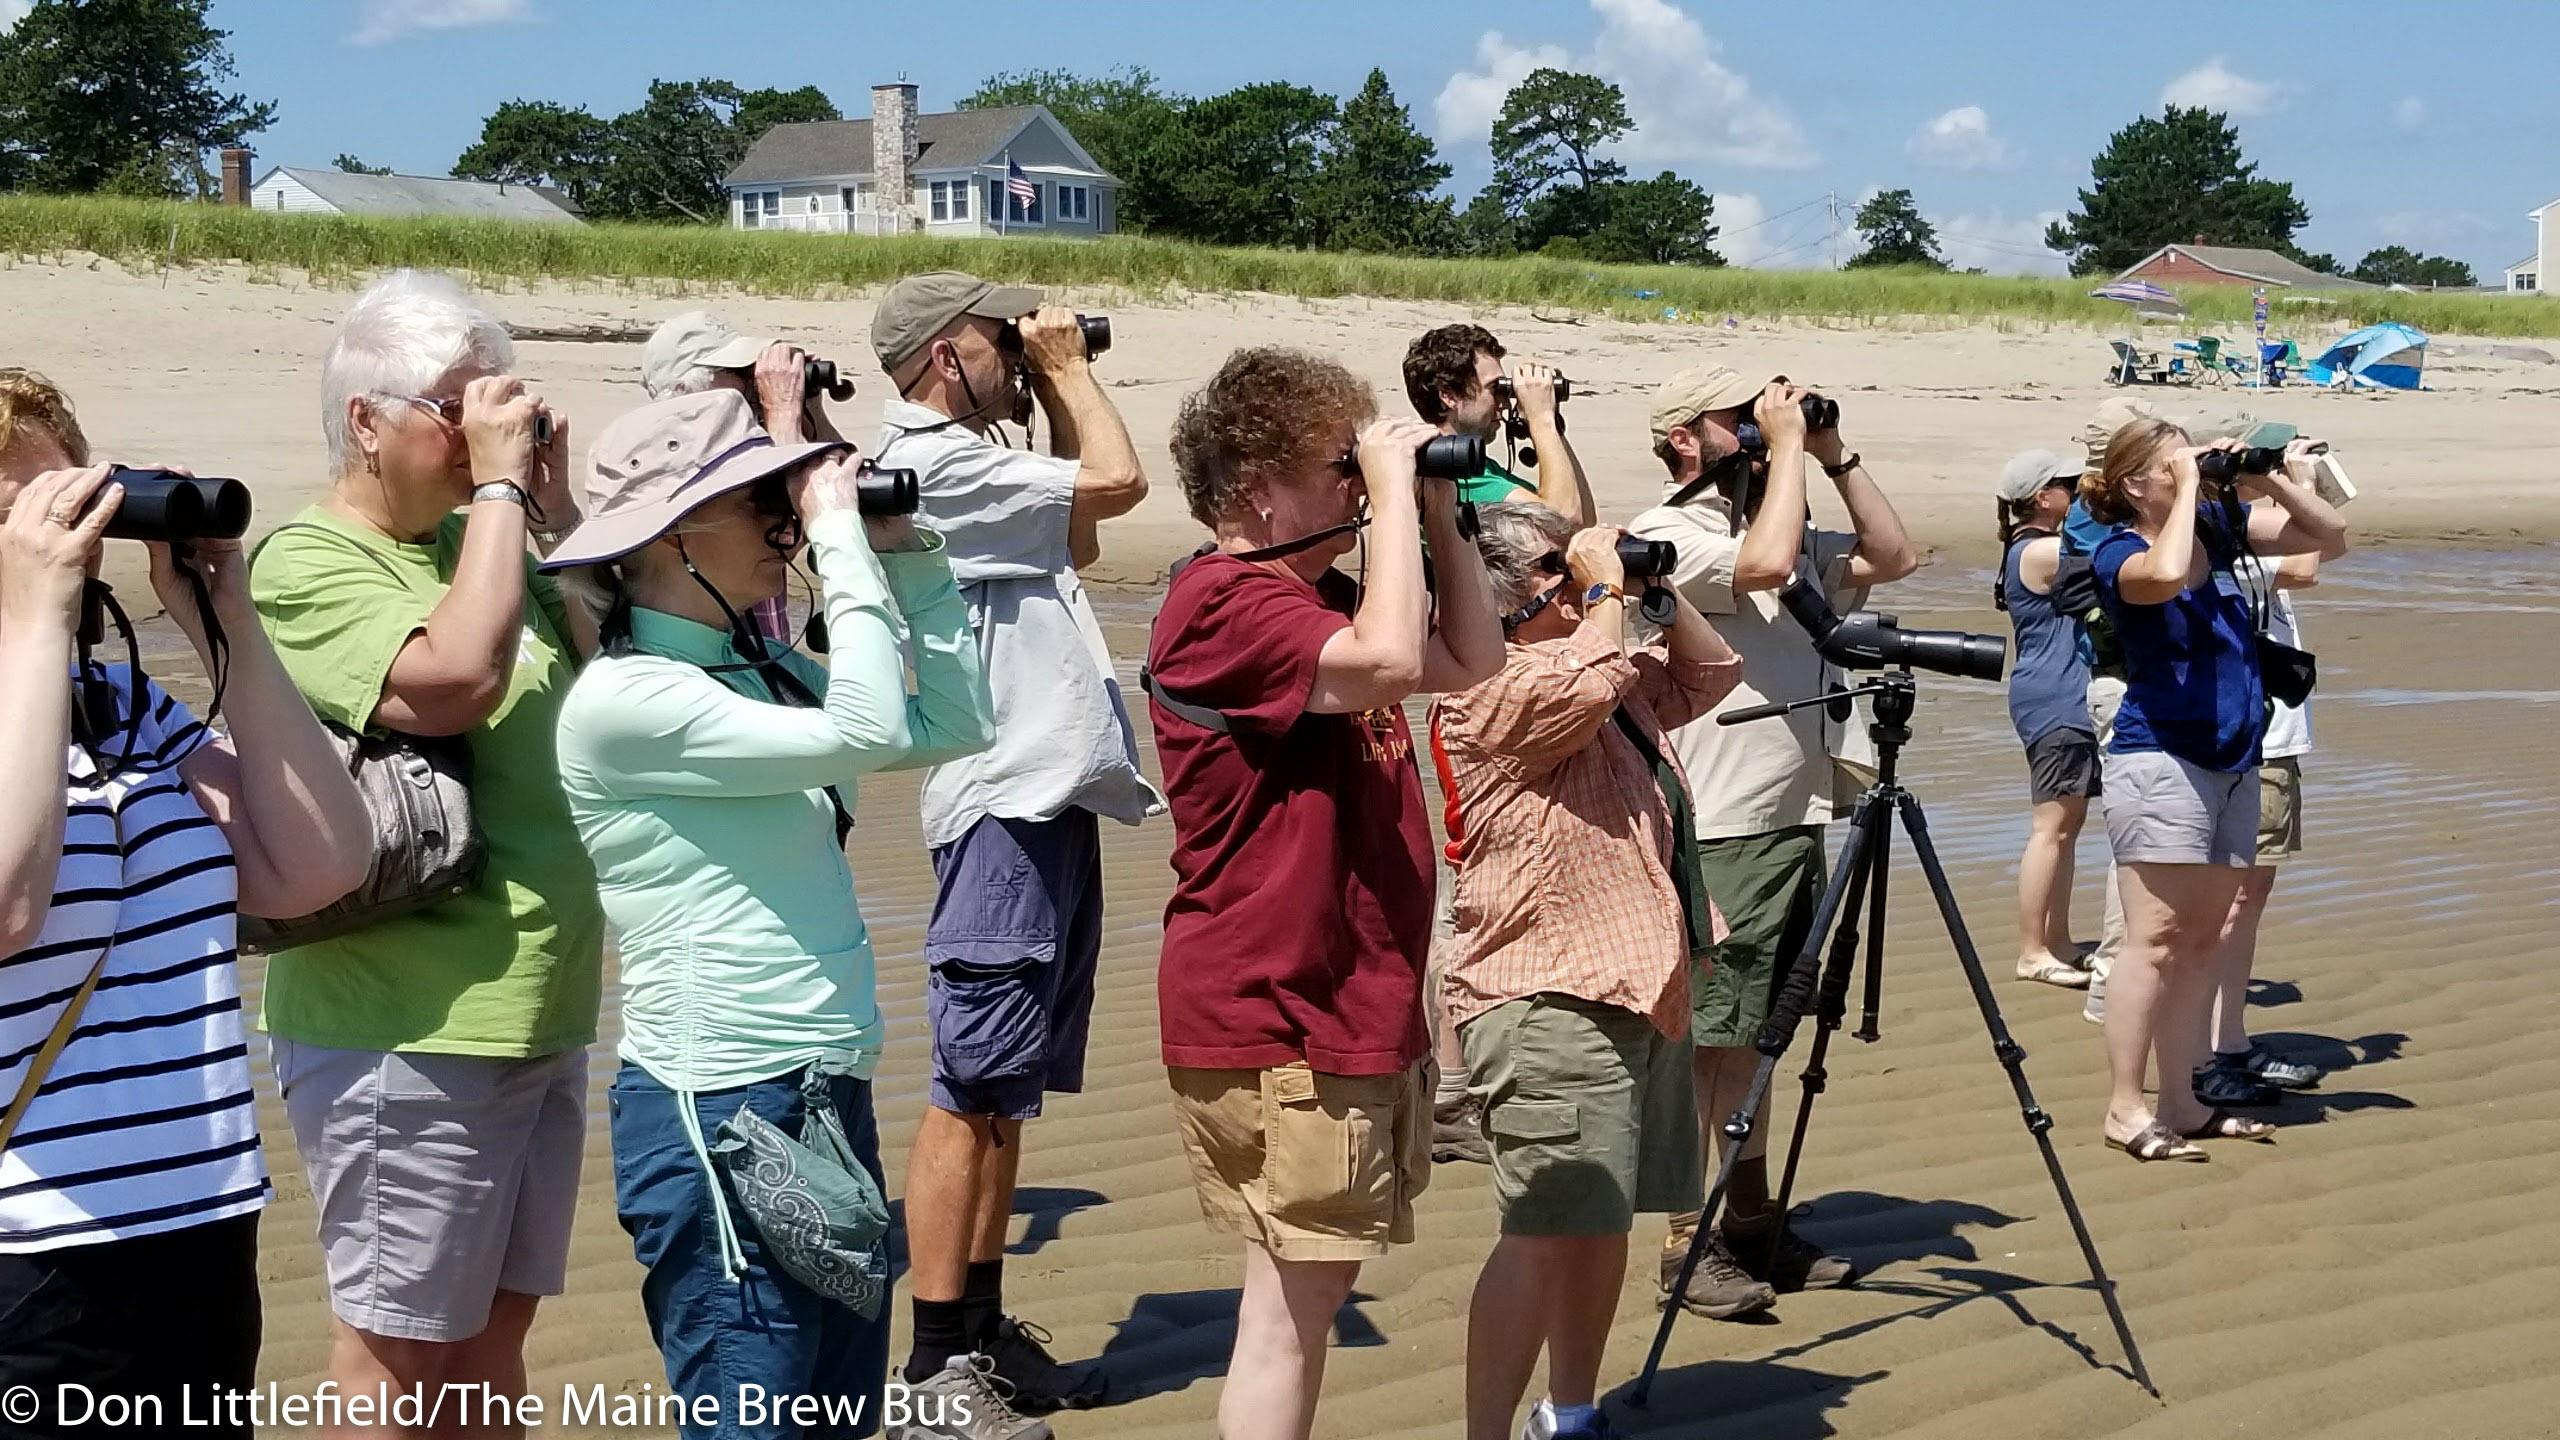 2. Group on beach 1